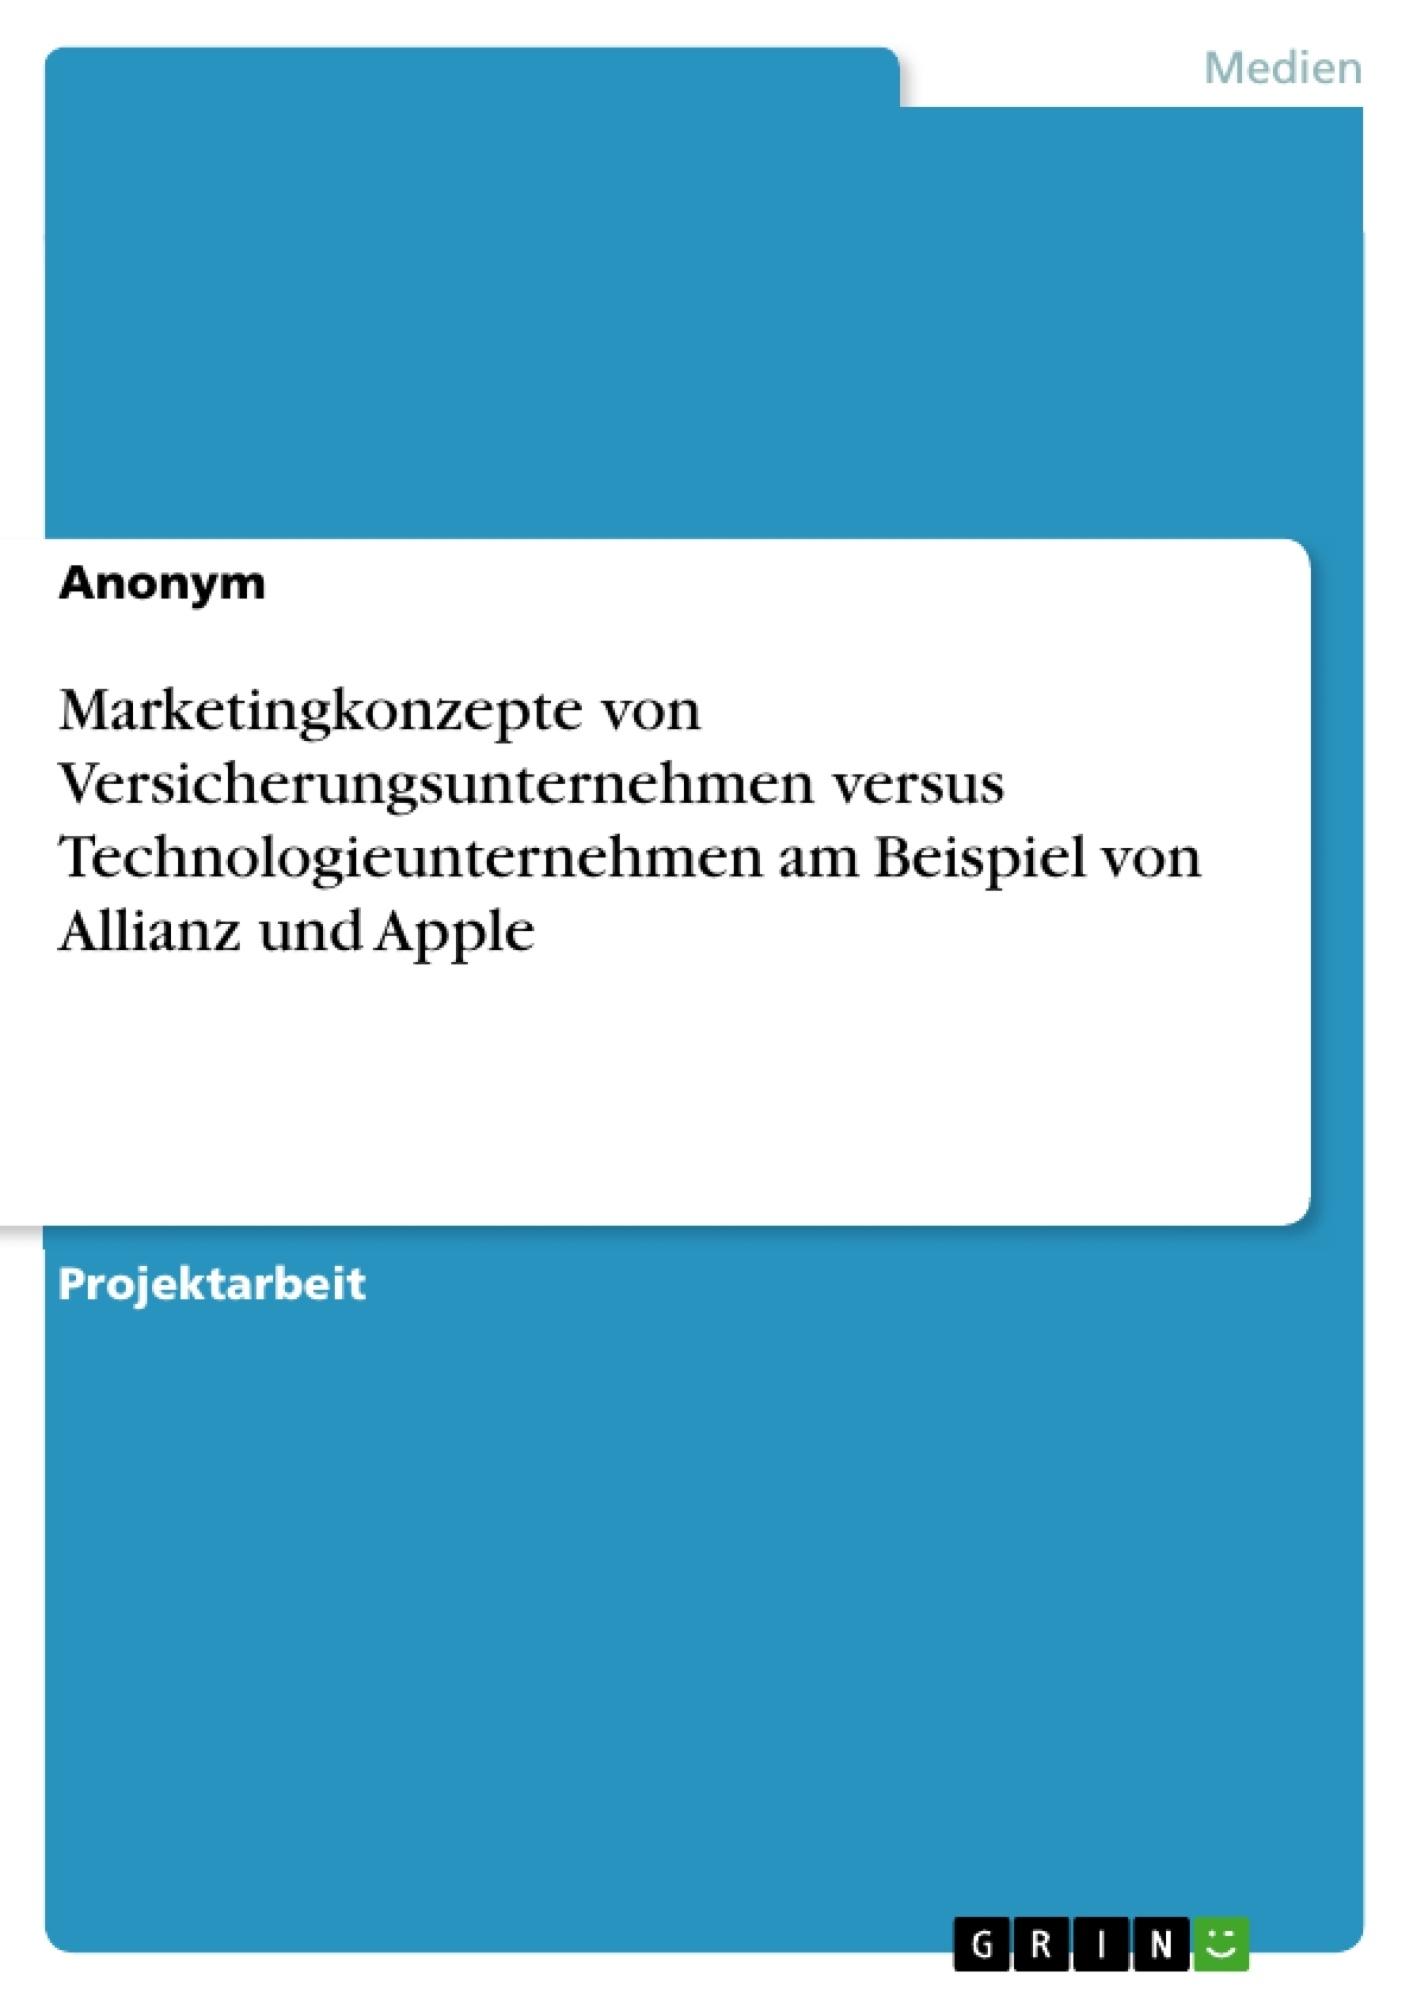 Titel: Marketingkonzepte von Versicherungsunternehmen versus Technologieunternehmen am Beispiel von Allianz und Apple